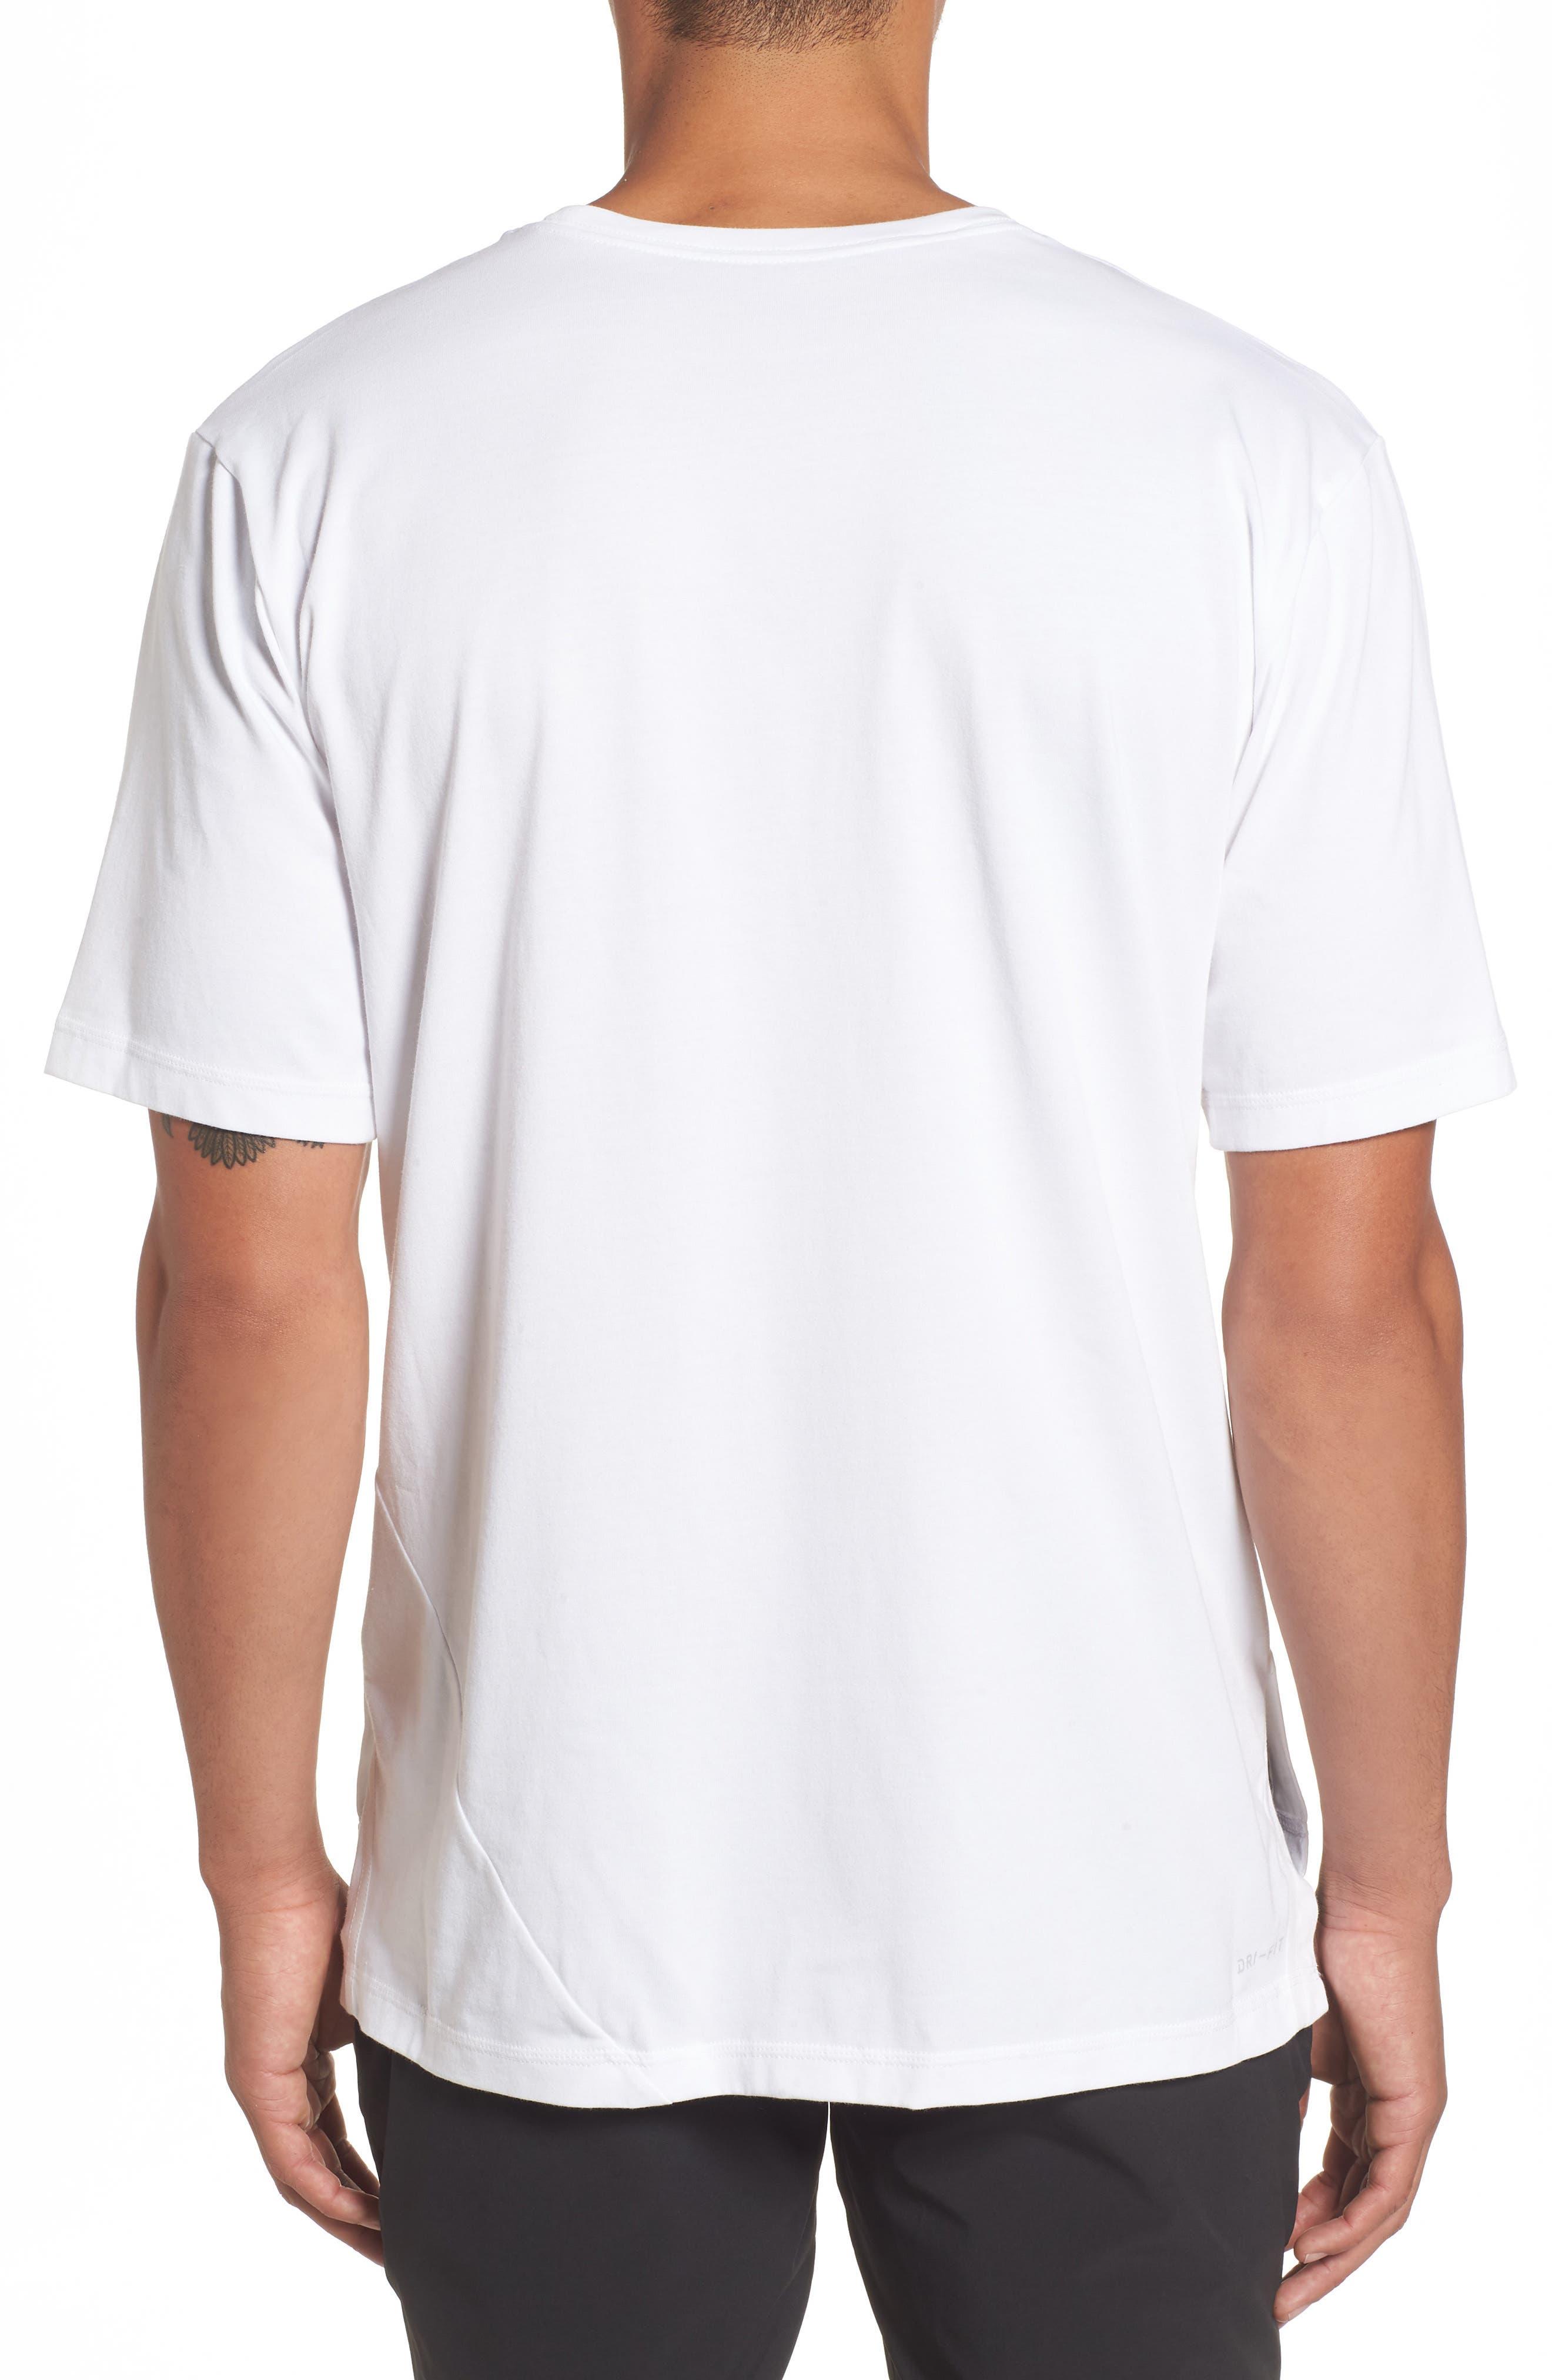 NIKE,                             Dry Performance T-Shirt,                             Alternate thumbnail 2, color,                             WHITE/ BLACK